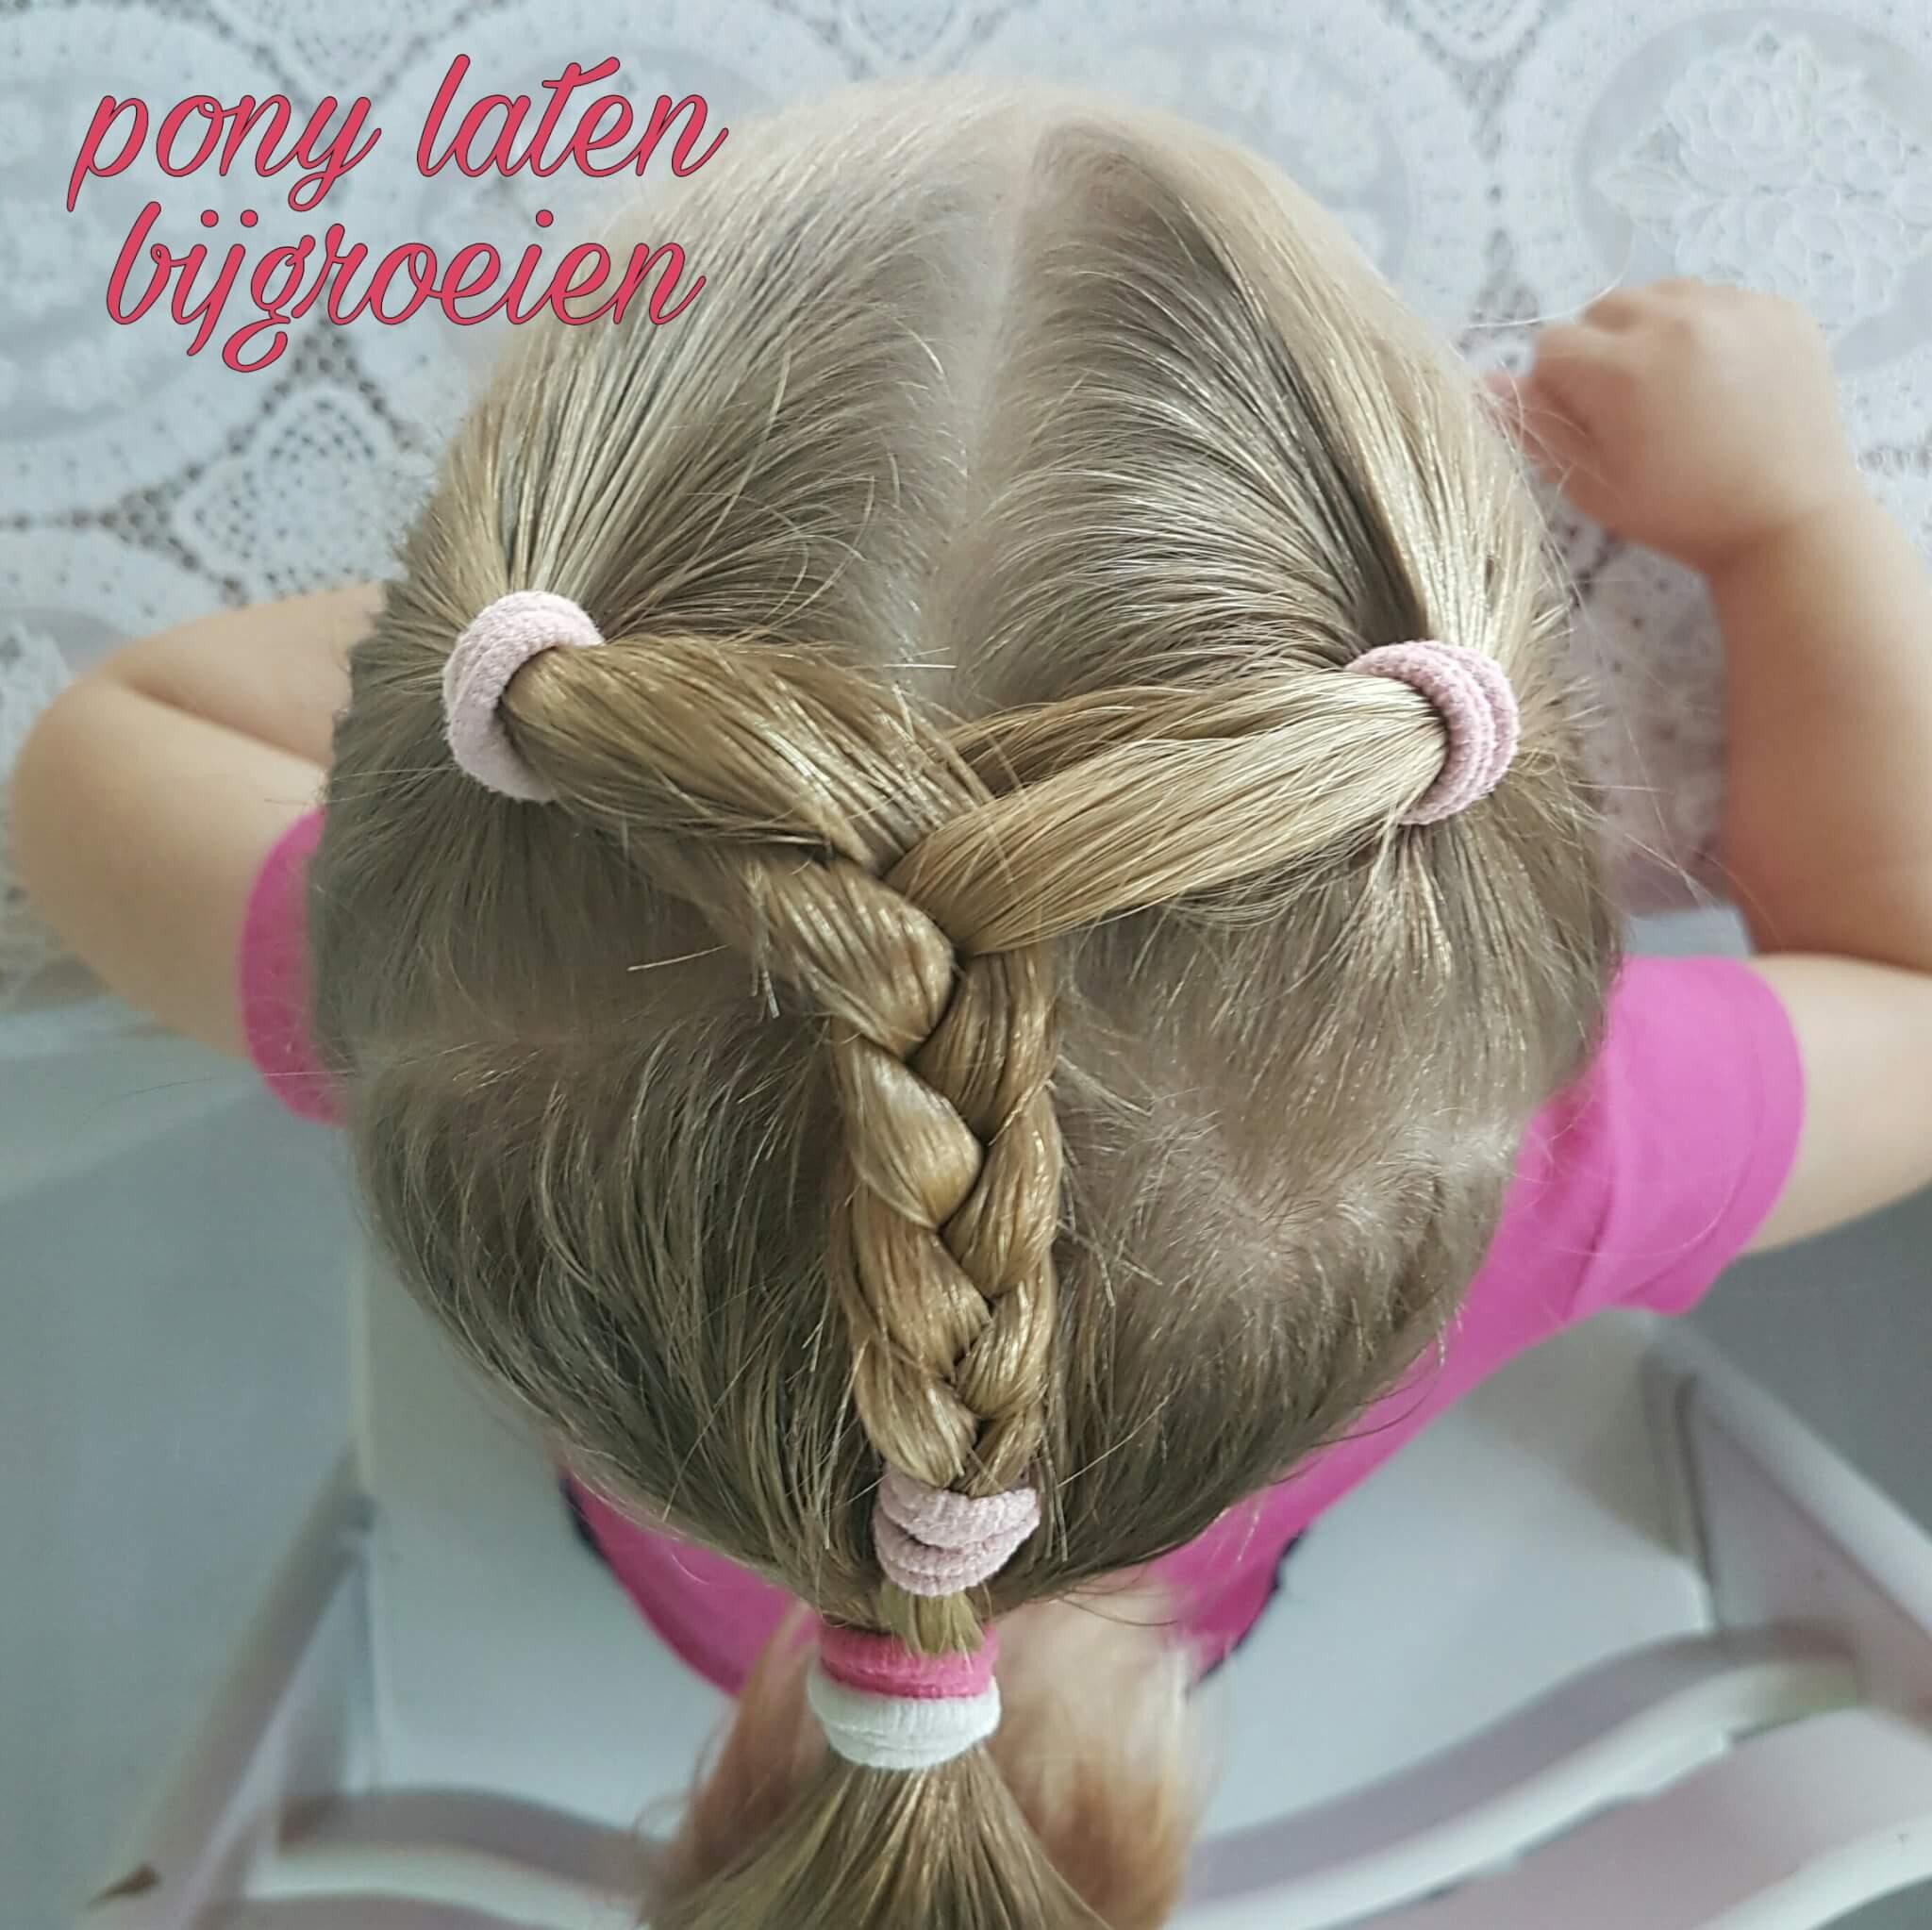 pony van je kleine meisje laten bijgroeien zonder speldjes